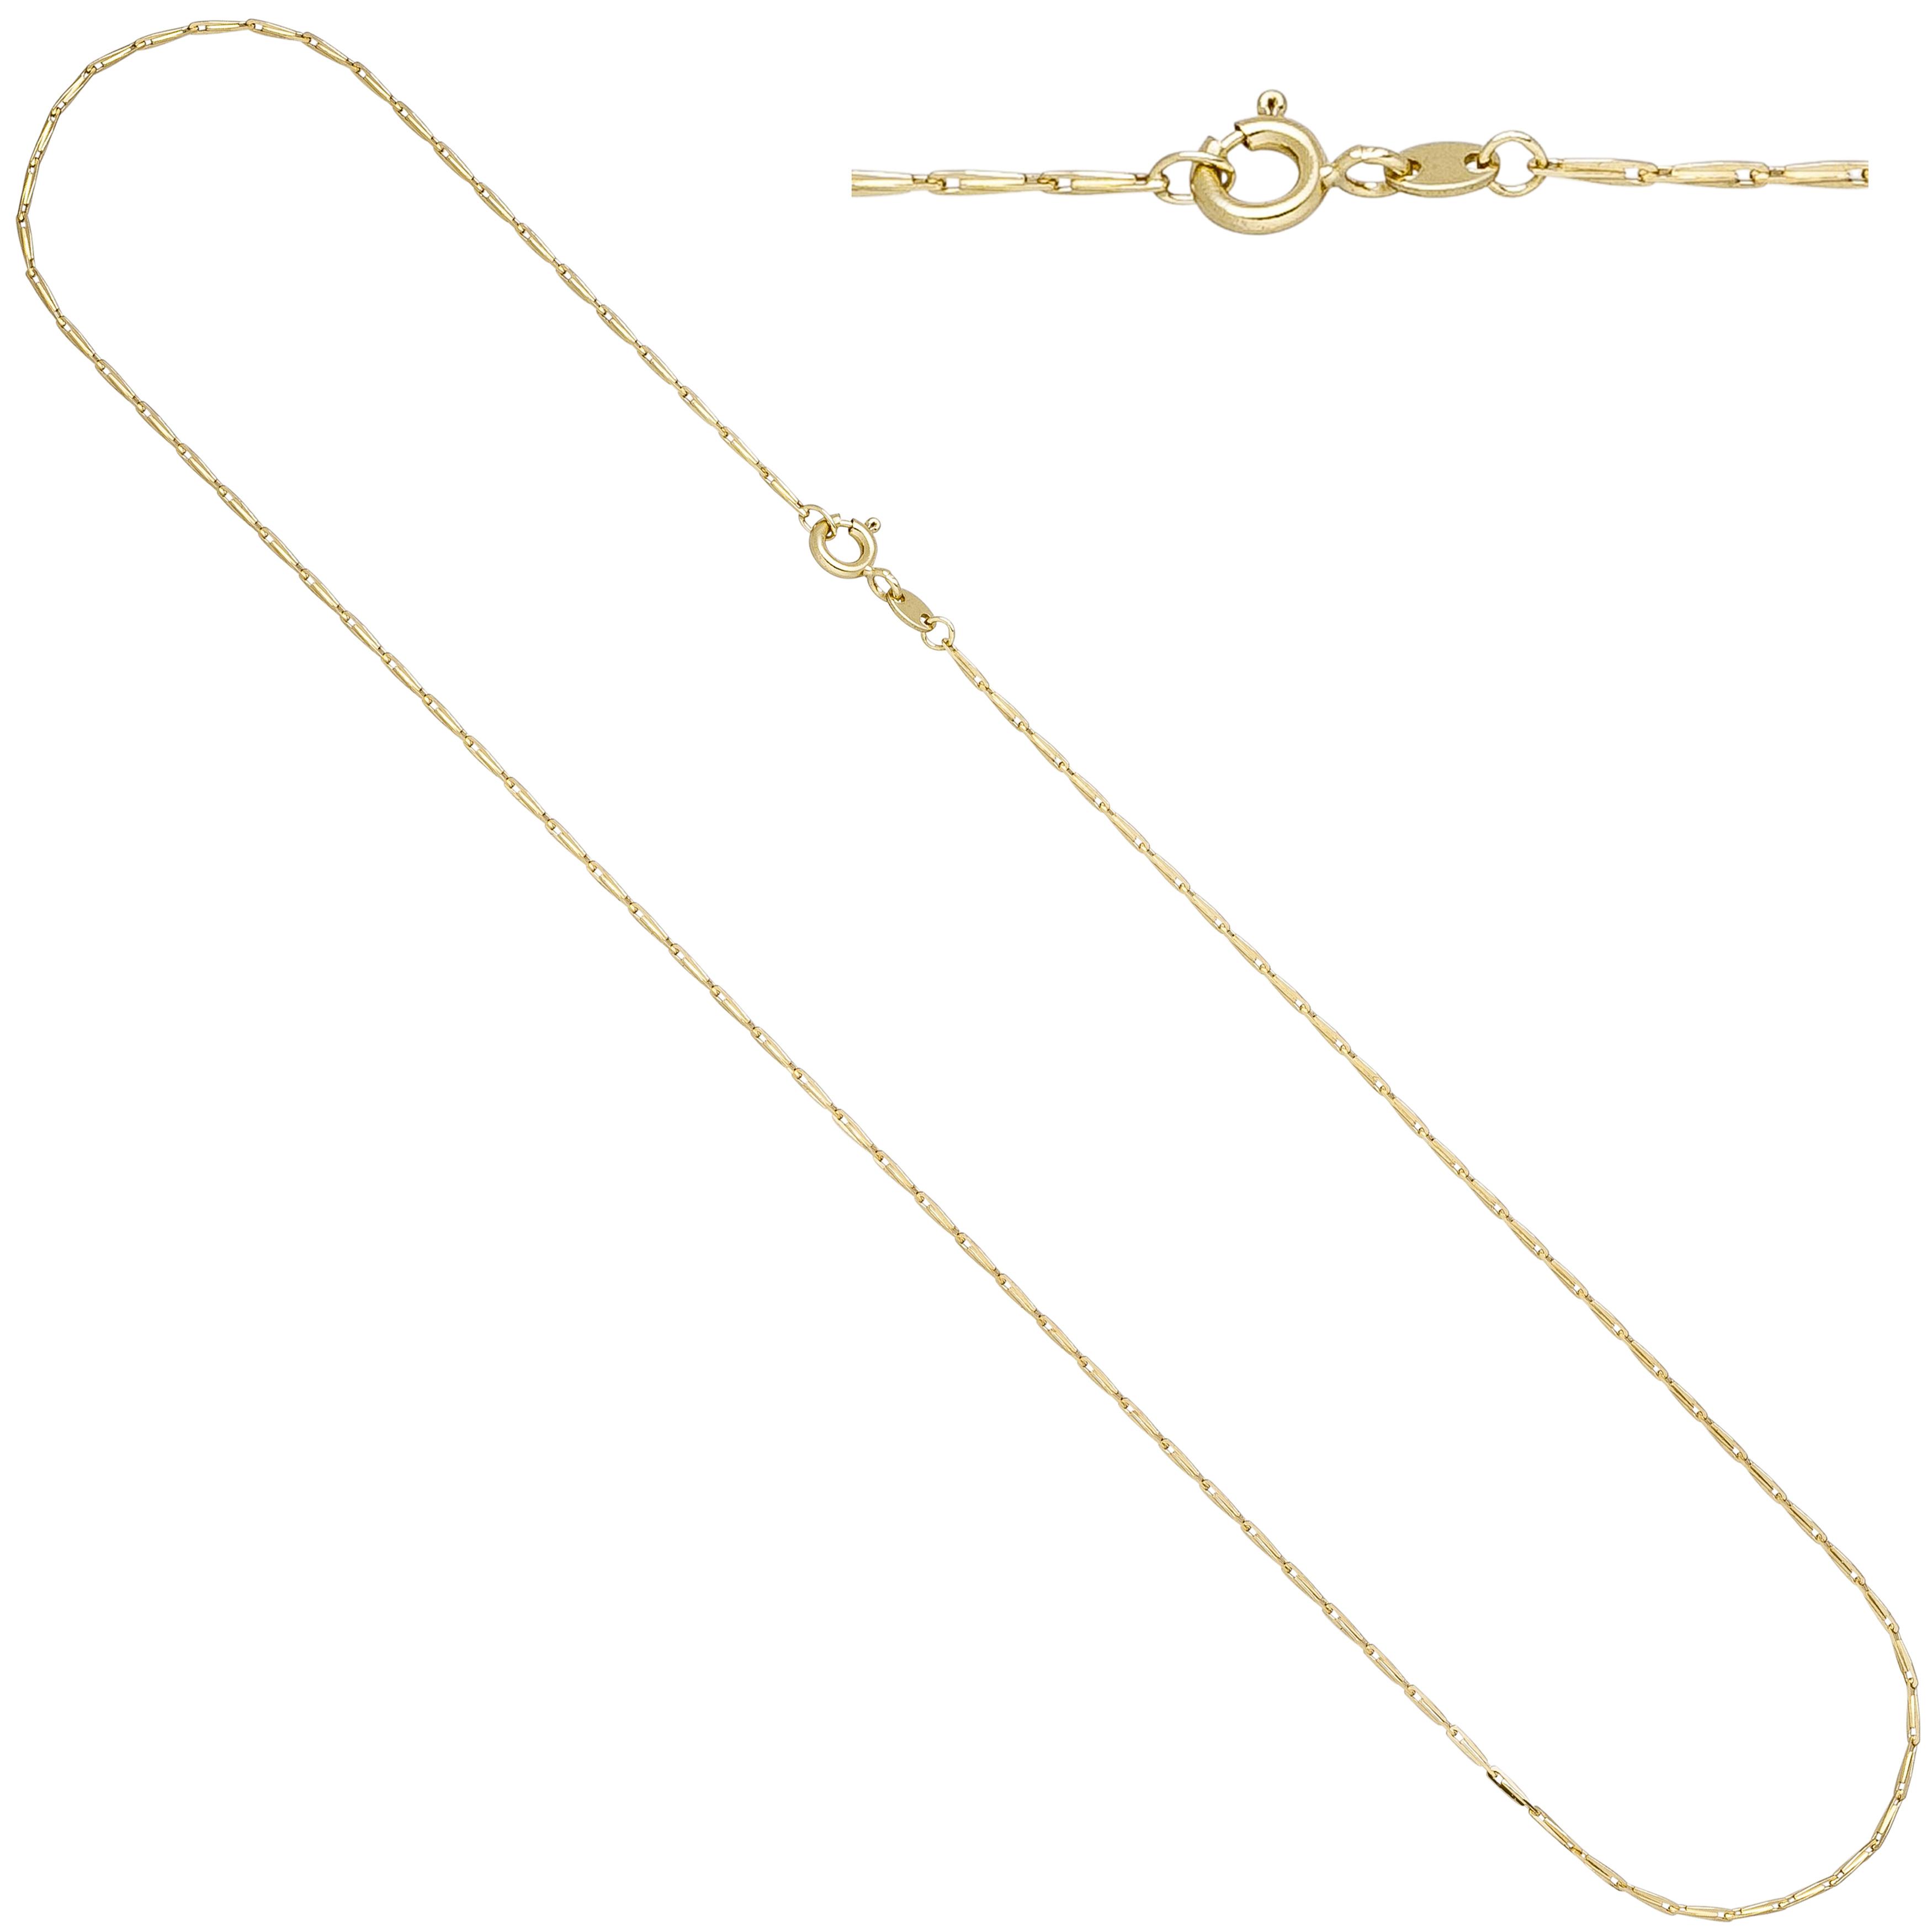 Haferkornkette 585 Gold Gelbgold 1 2 Mm 45 Cm Kette Halskette